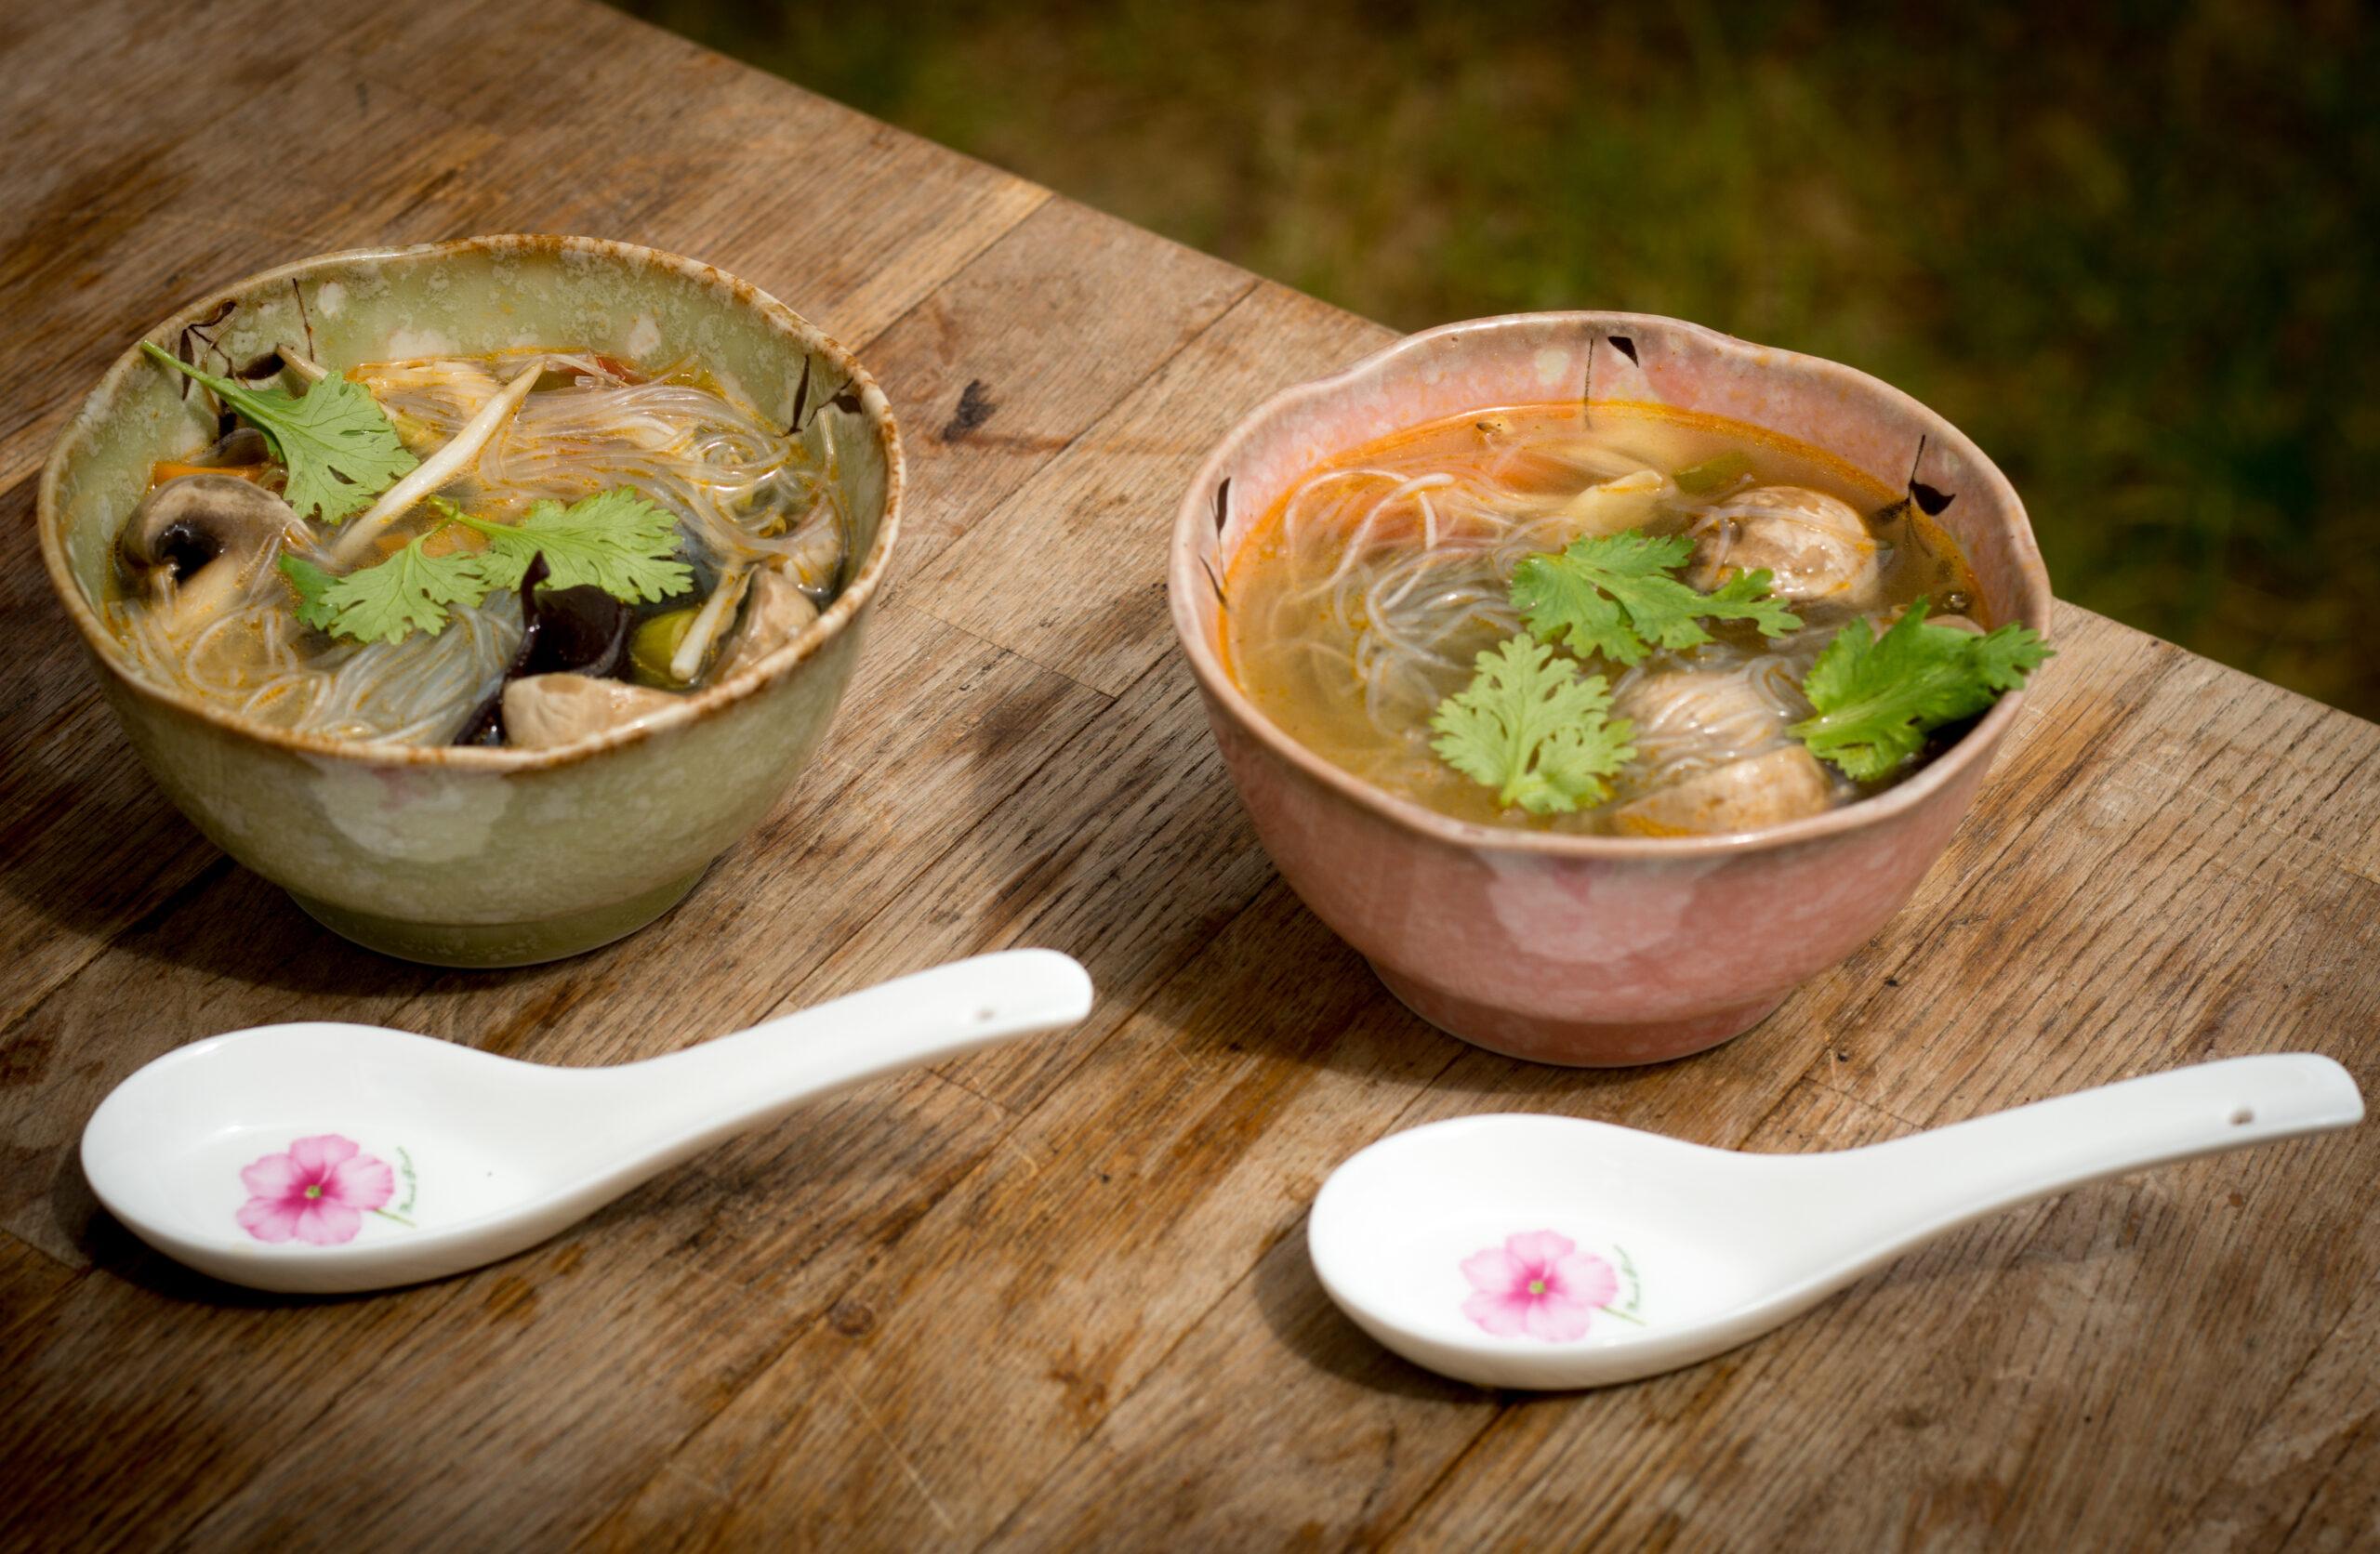 Indonesische Bihunsuppe aus dem Dutch Oven - Das einzige Dosenfutter was man essen kann als leckeres Rezept gedutchet - By Daughter & Dad's Sizzlezone